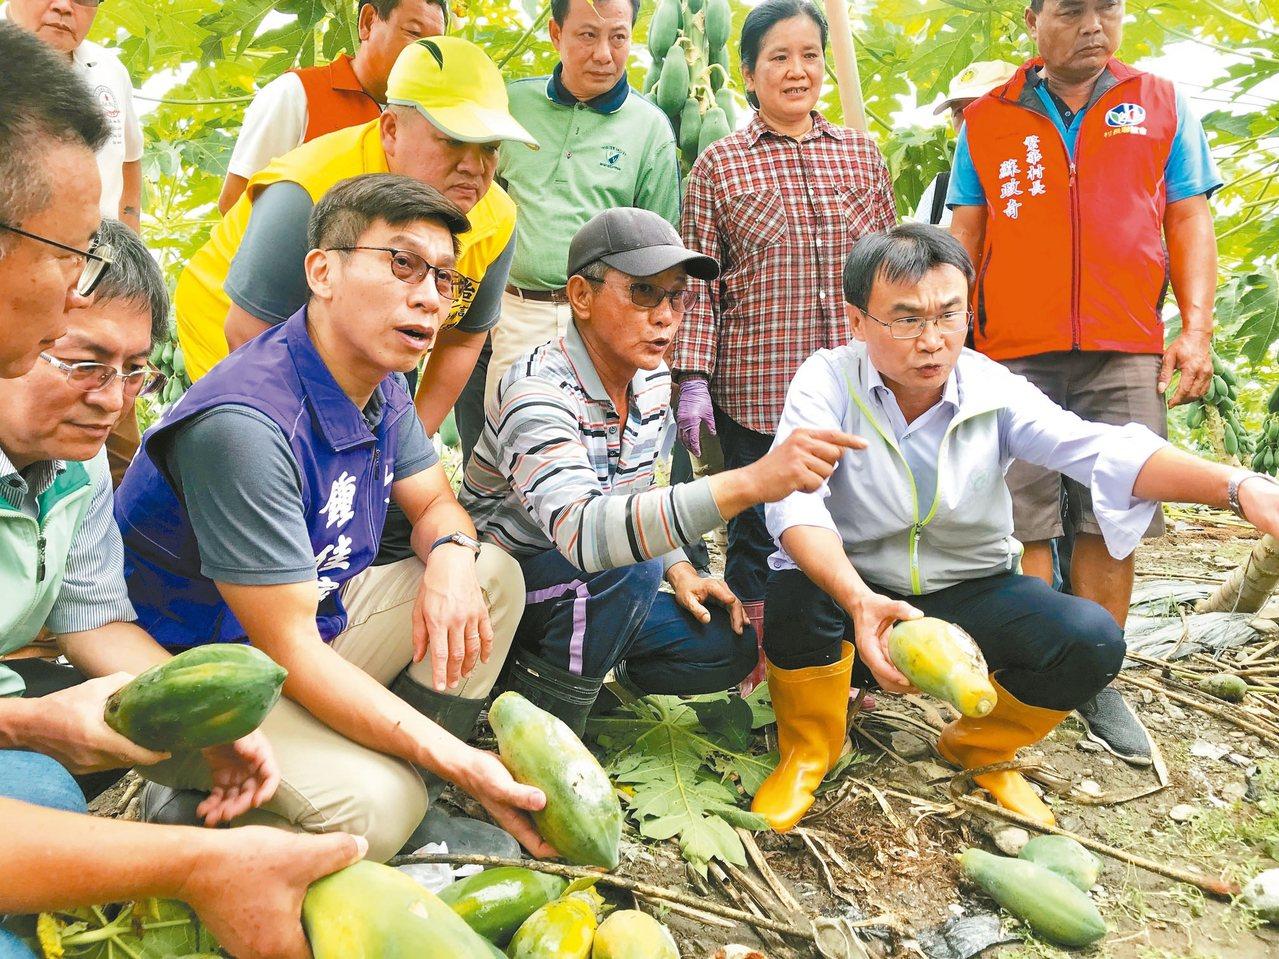 農委會主委陳吉仲(前排右)昨到屏東視察農損,宣布木瓜等8種作物適用申請現金補助。...